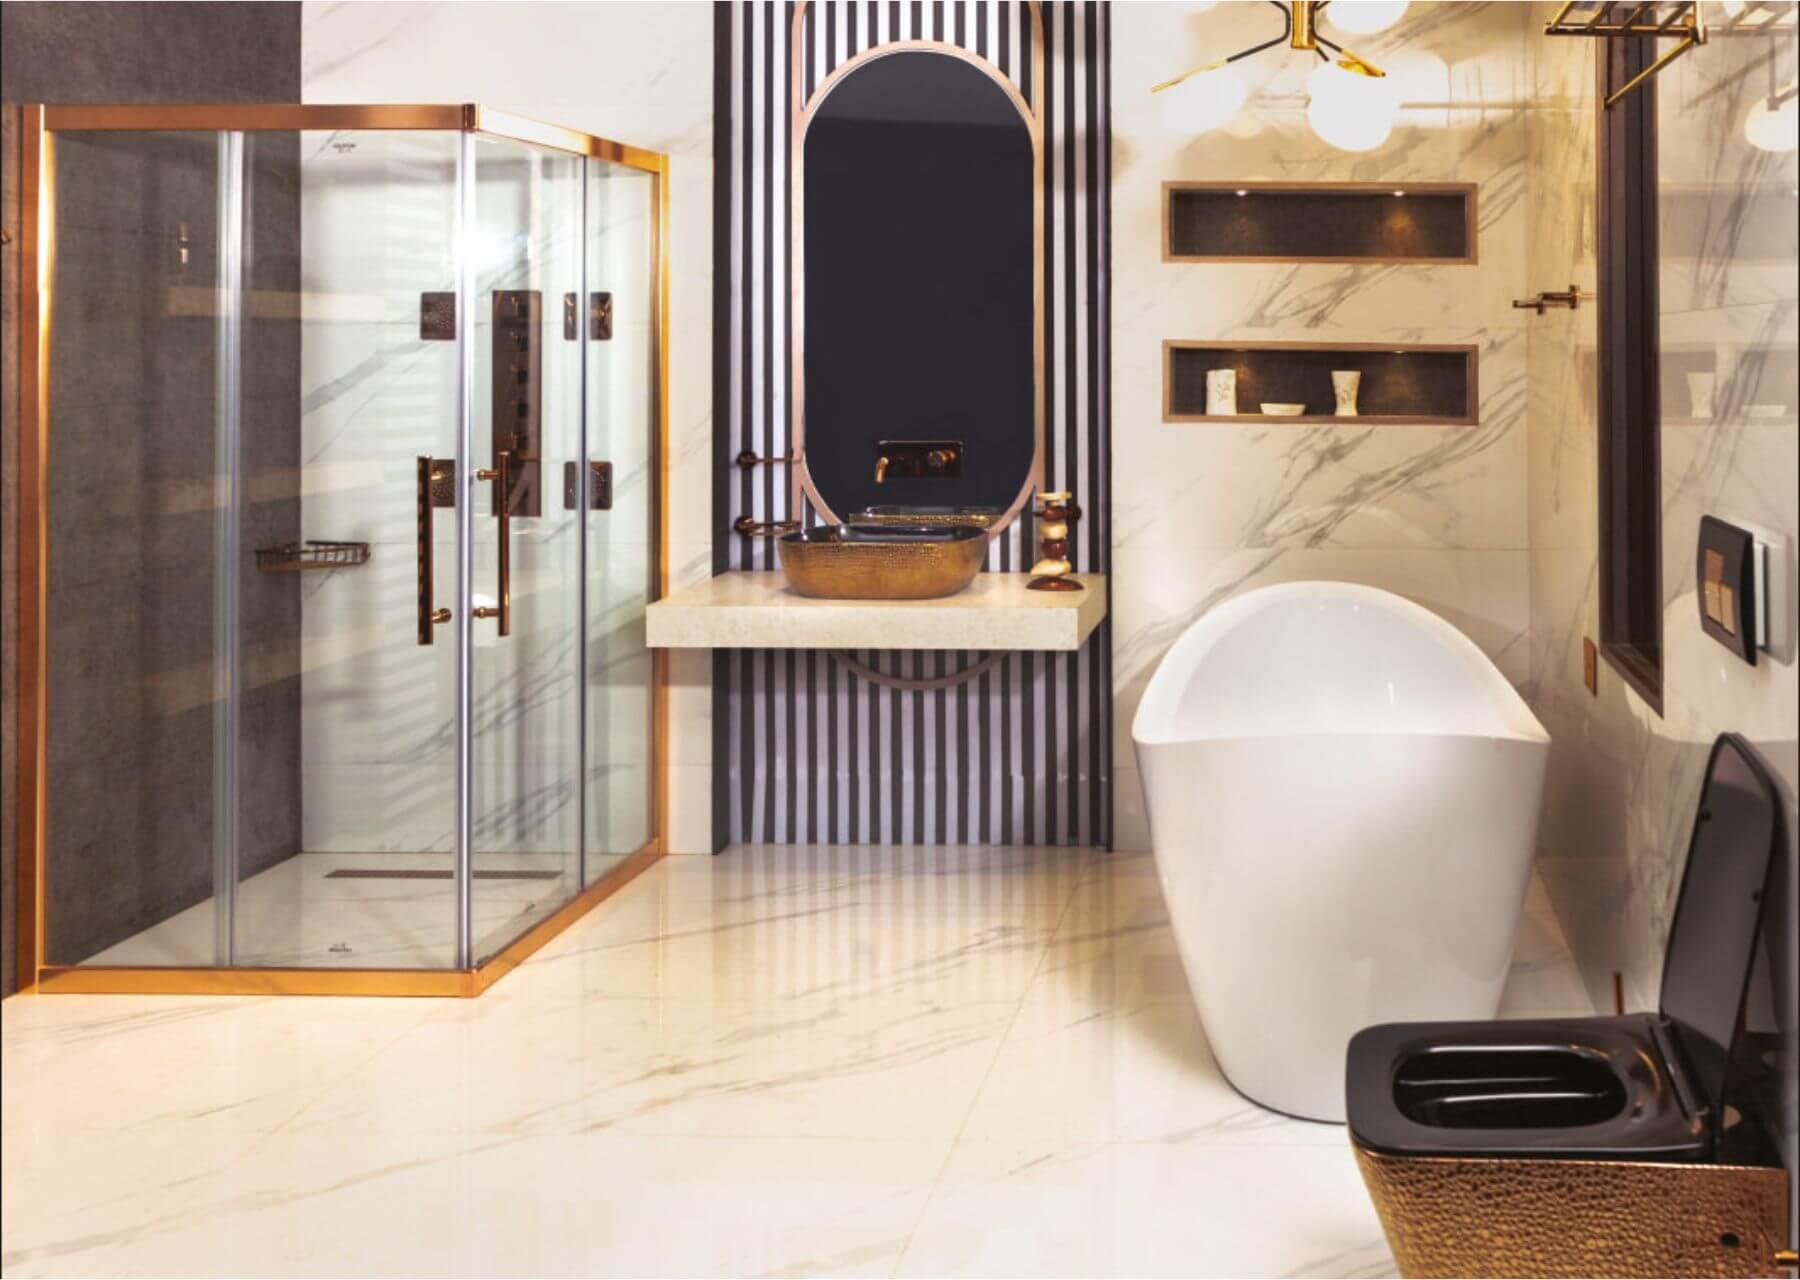 Page 2-Bathroom-Concepts